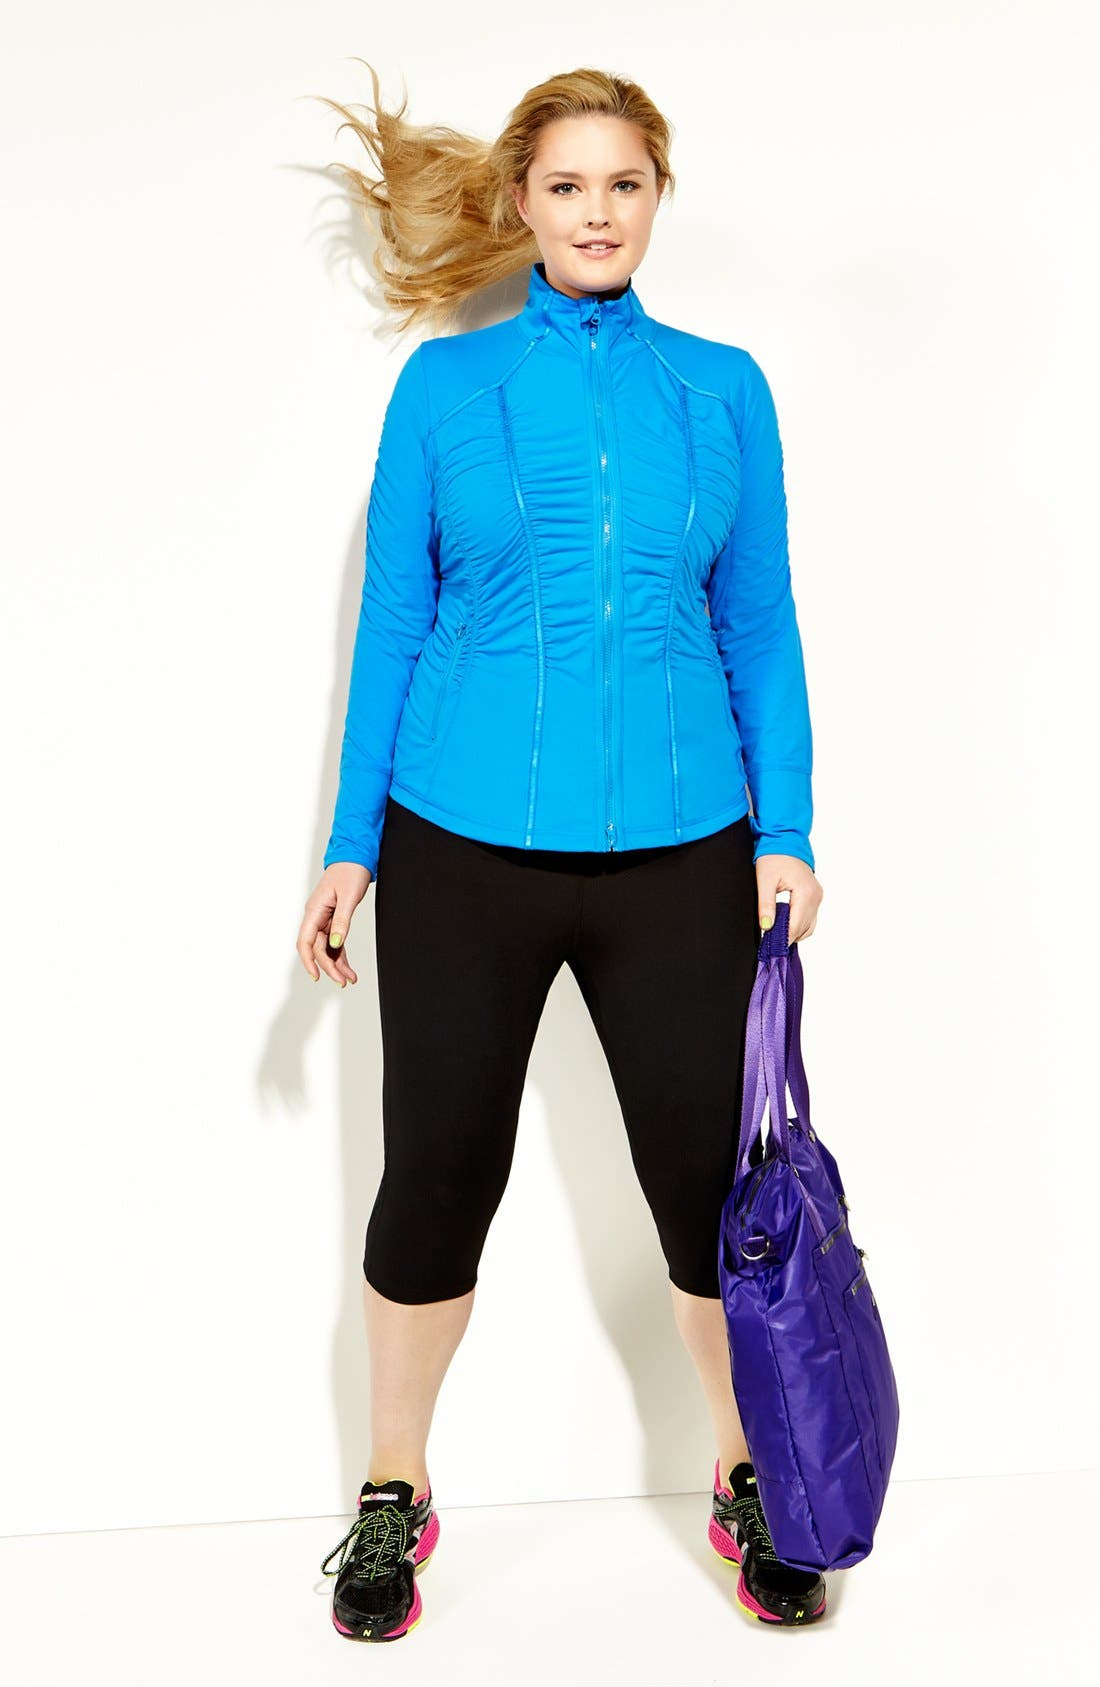 Main Image - Zella Jacket & Capri Pants